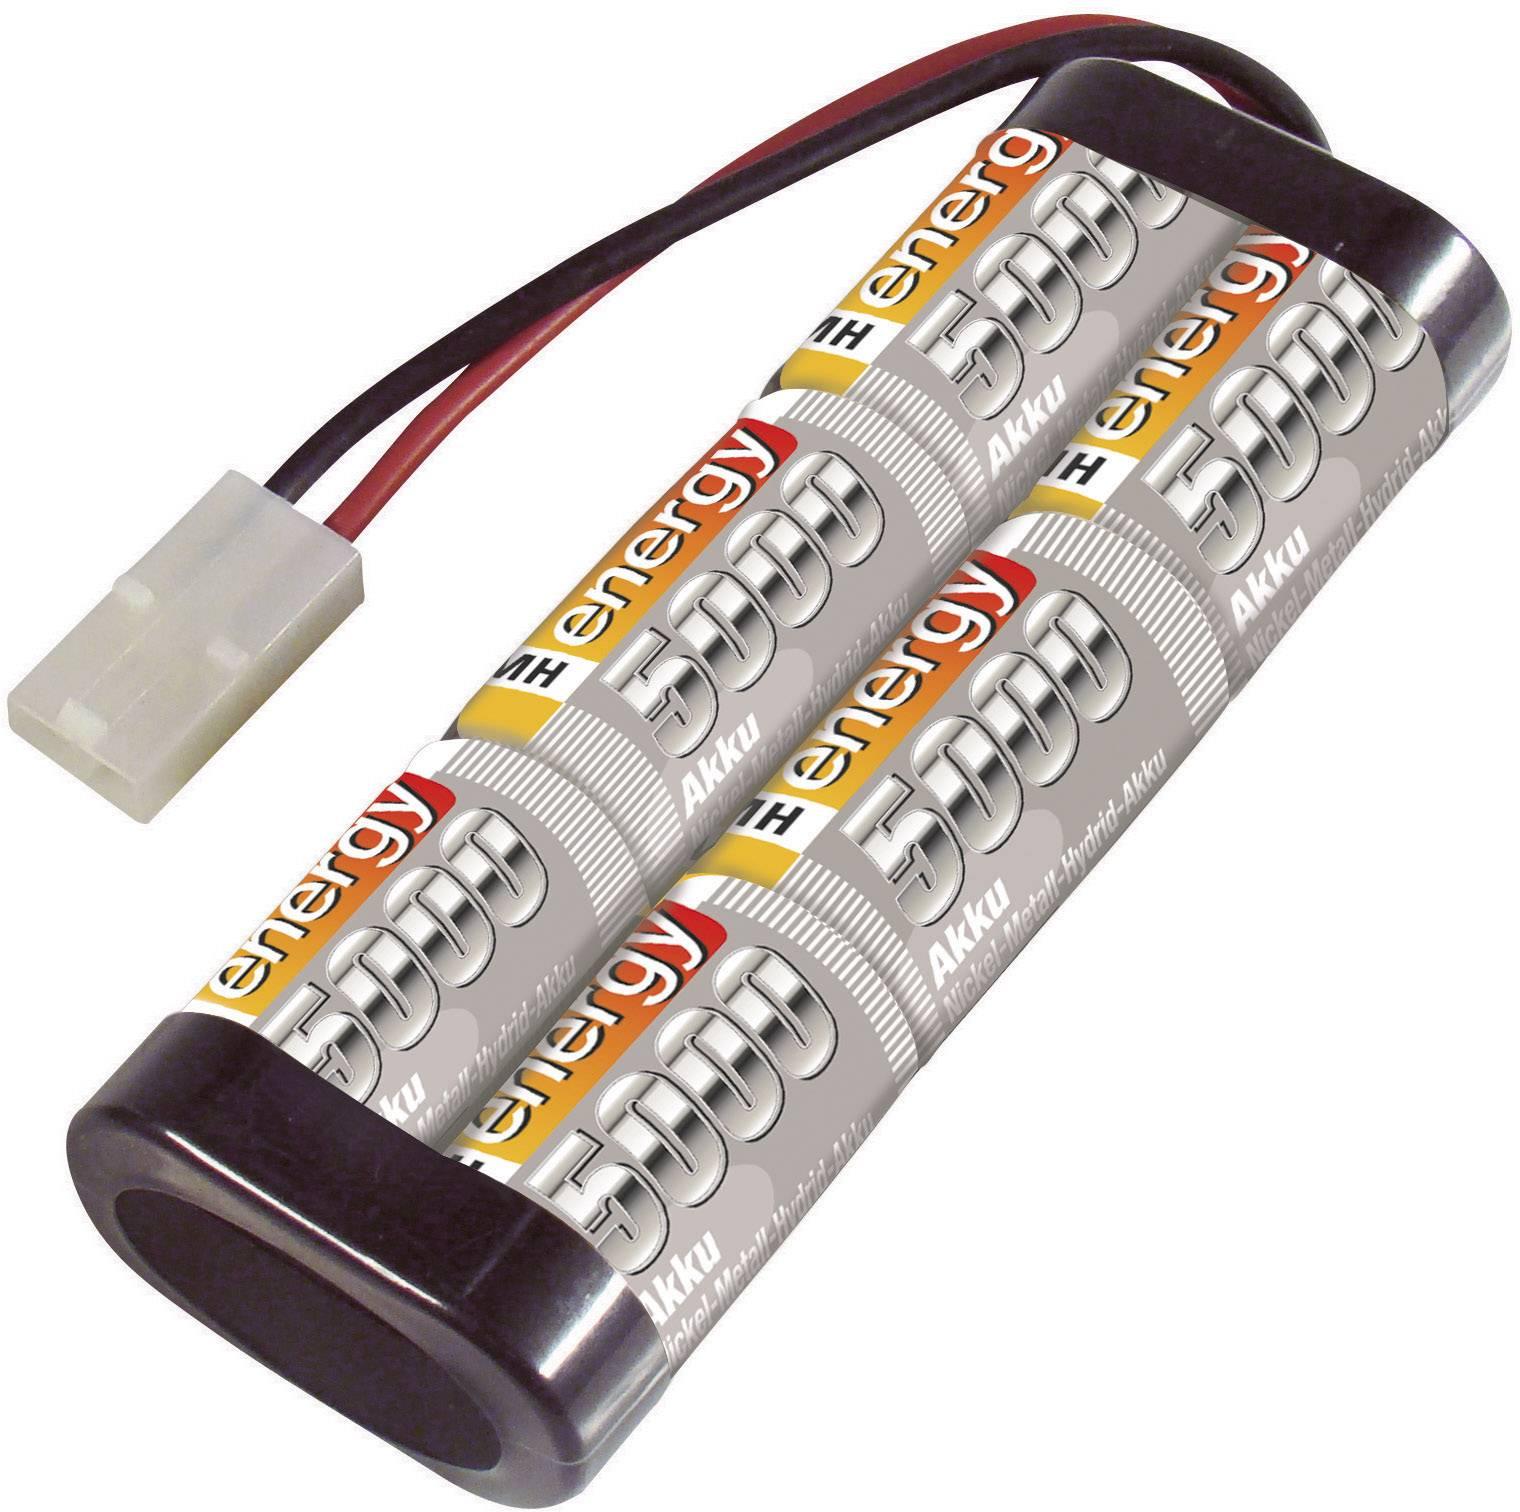 Akupack NiMH Conrad energy SC 5000*6, 7.2 V, 5000 mAh